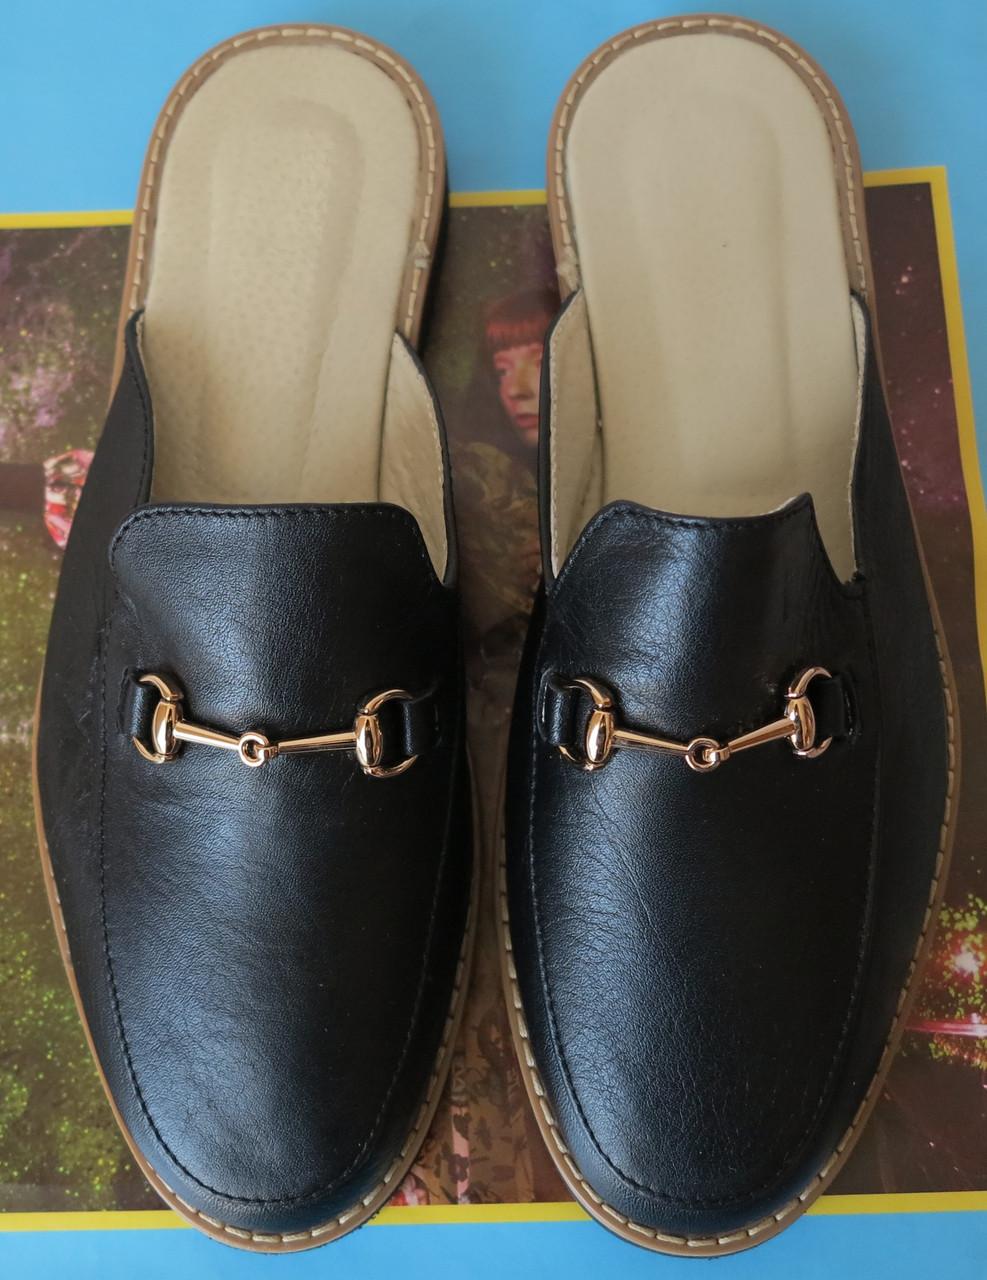 Мюлі стиль чорні Gucci жіночі шкіряні сабо на низькому ходу з закритим  носком босоніжки шльопанці Гучі 7ff30811c1270